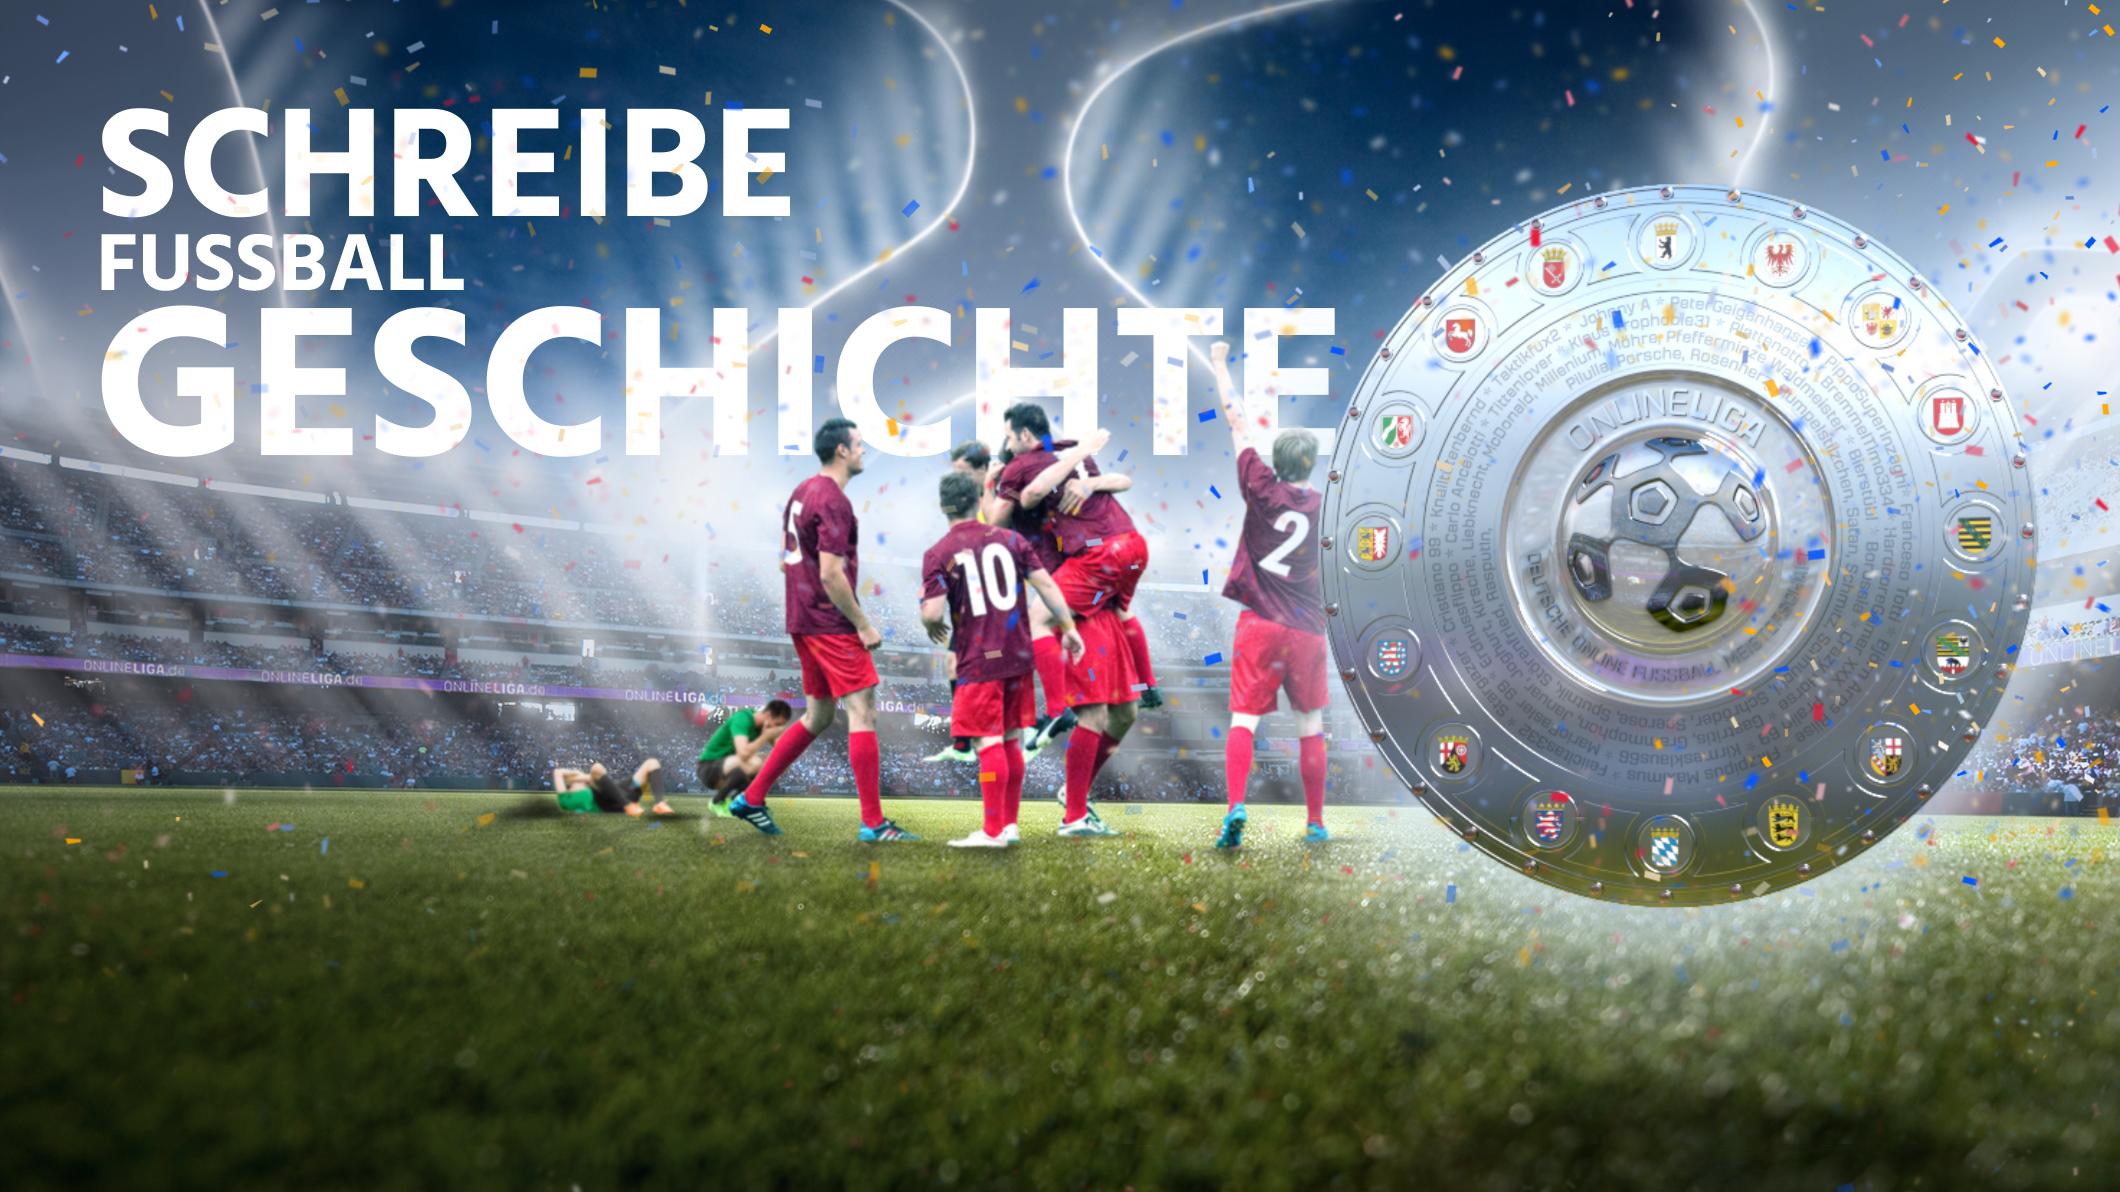 Mit Onlineliga schaffen es User bis zur Deutschen Fußballmeisterschaft. Foto: © Online Football Association